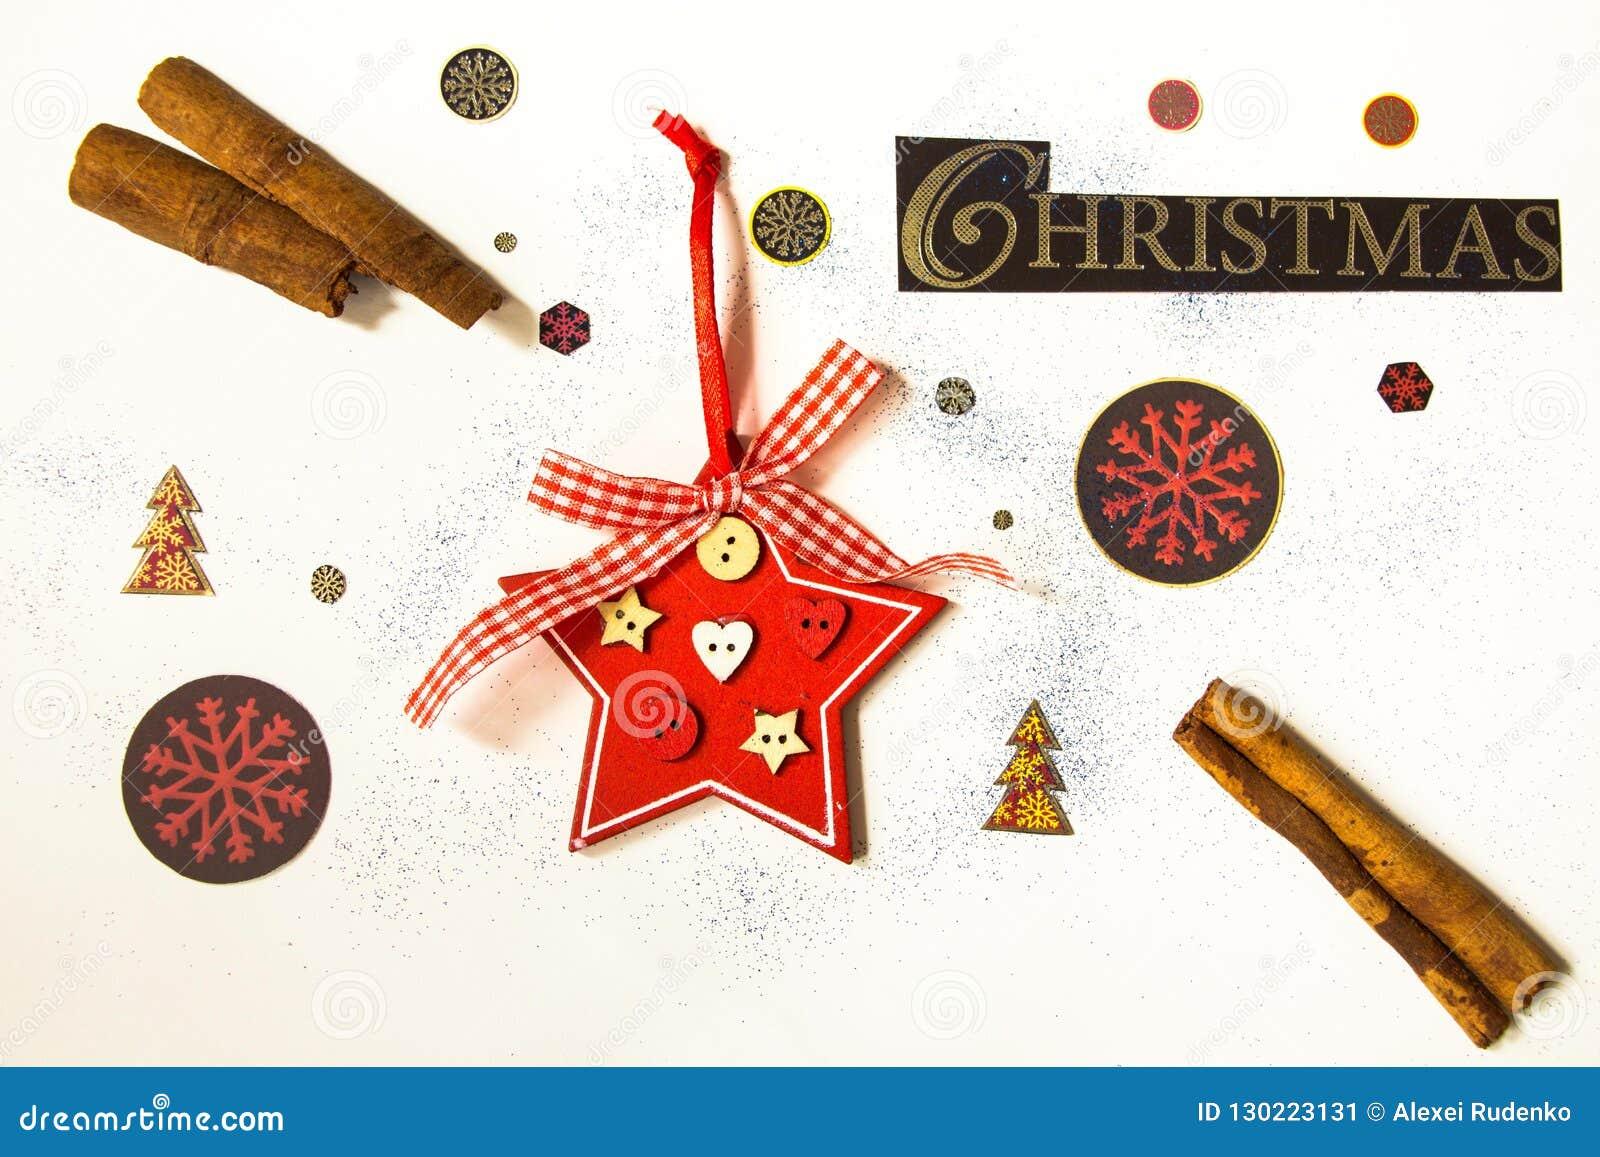 Τα Χριστούγεννα επιγραφής σε ένα άσπρο υπόβαθρο περιβάλλονται από τις εορταστικές, χειμερινές ιδιότητες Υπέροχα σχεδιασμένος σε έ